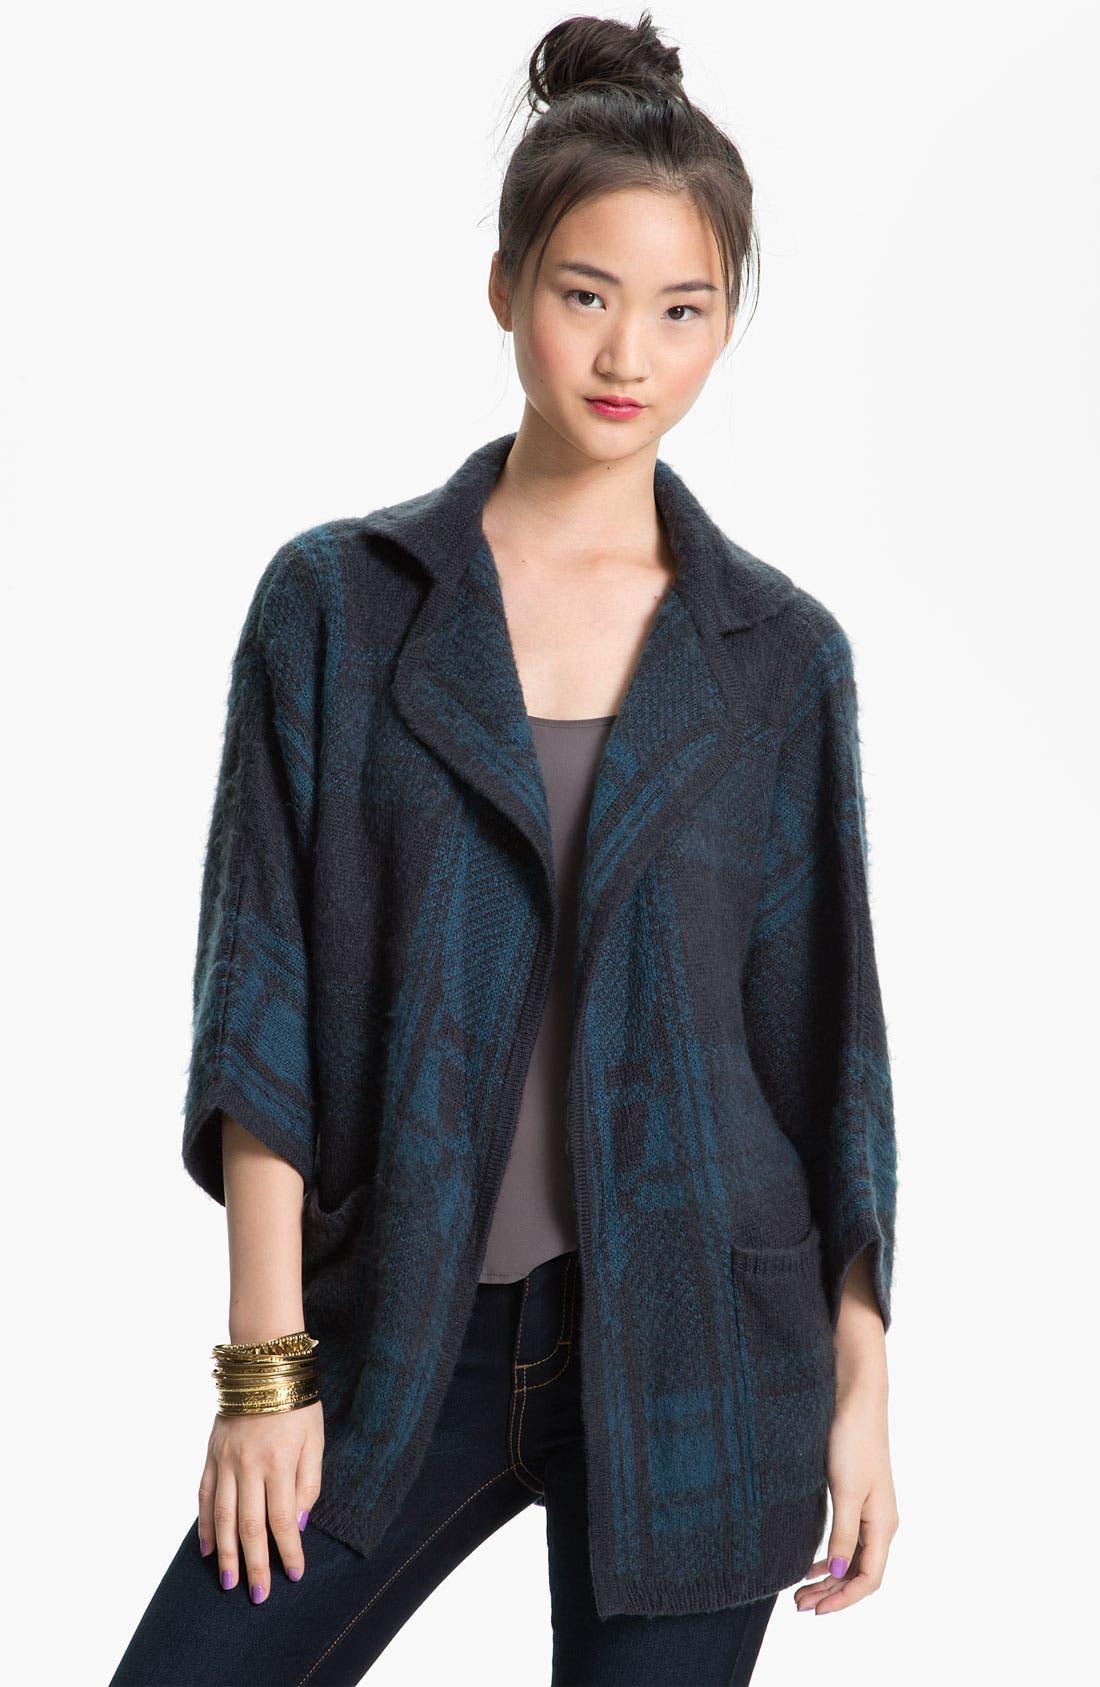 Alternate Image 1 Selected - Rubbish® Plaid Knit Cardigan (Juniors)